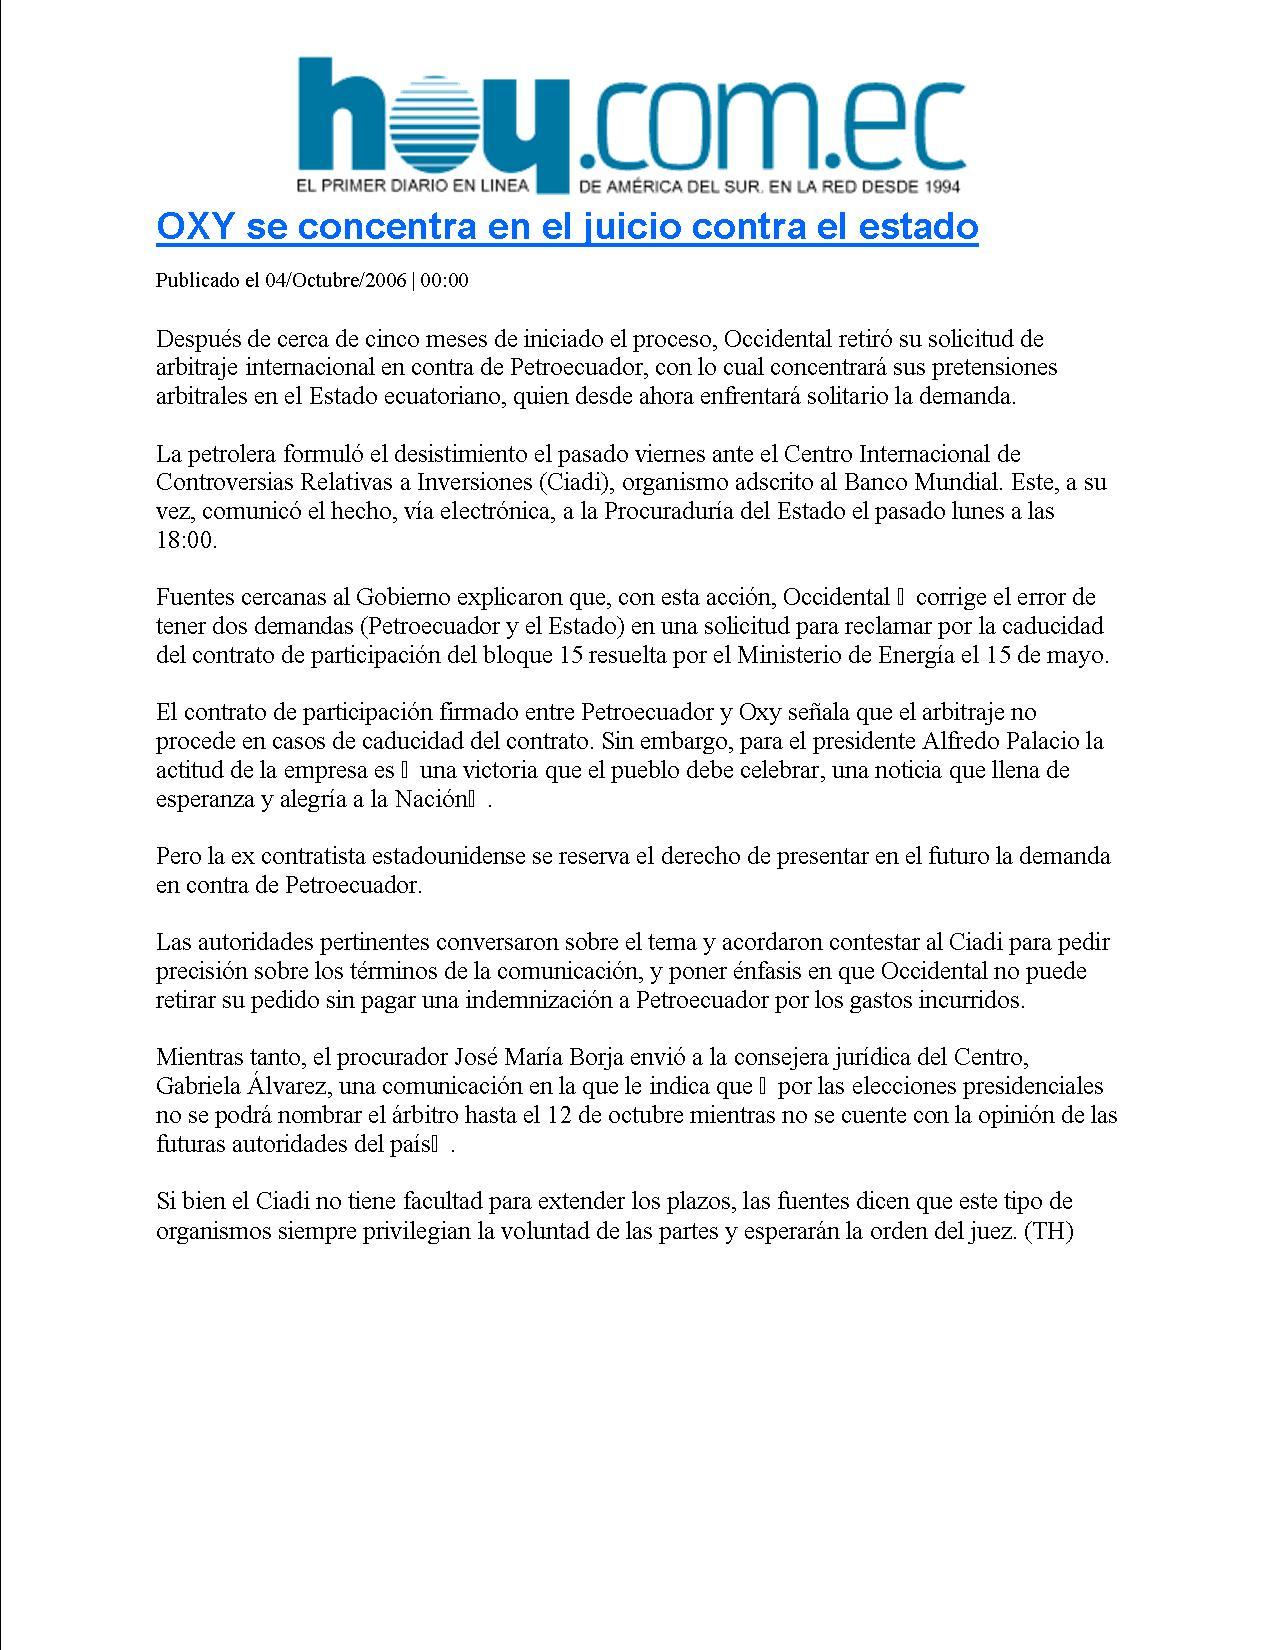 6-HOY 04-10-2006 OXY SE CONCENTRA EN EL JUICIO CONTRA EL ESTADO